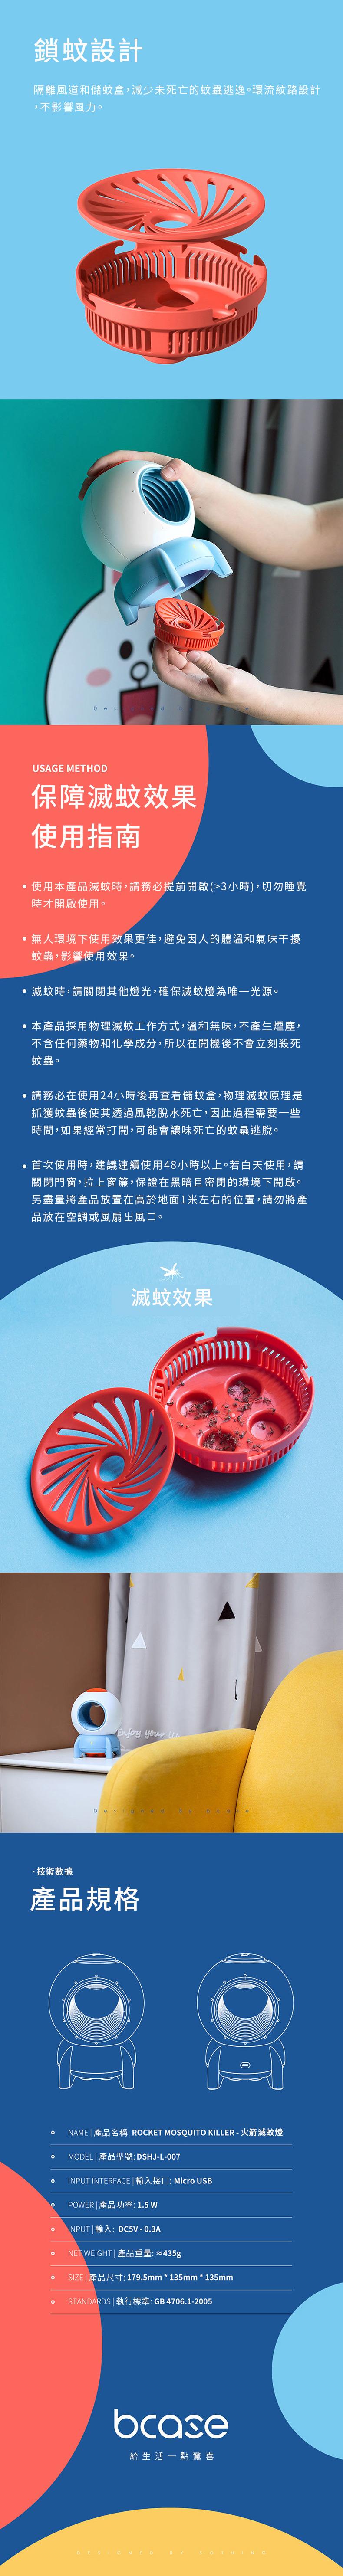 【11/10~12/25聖誕感謝祭95折】創意小物館 童趣靜音火箭滅蚊燈